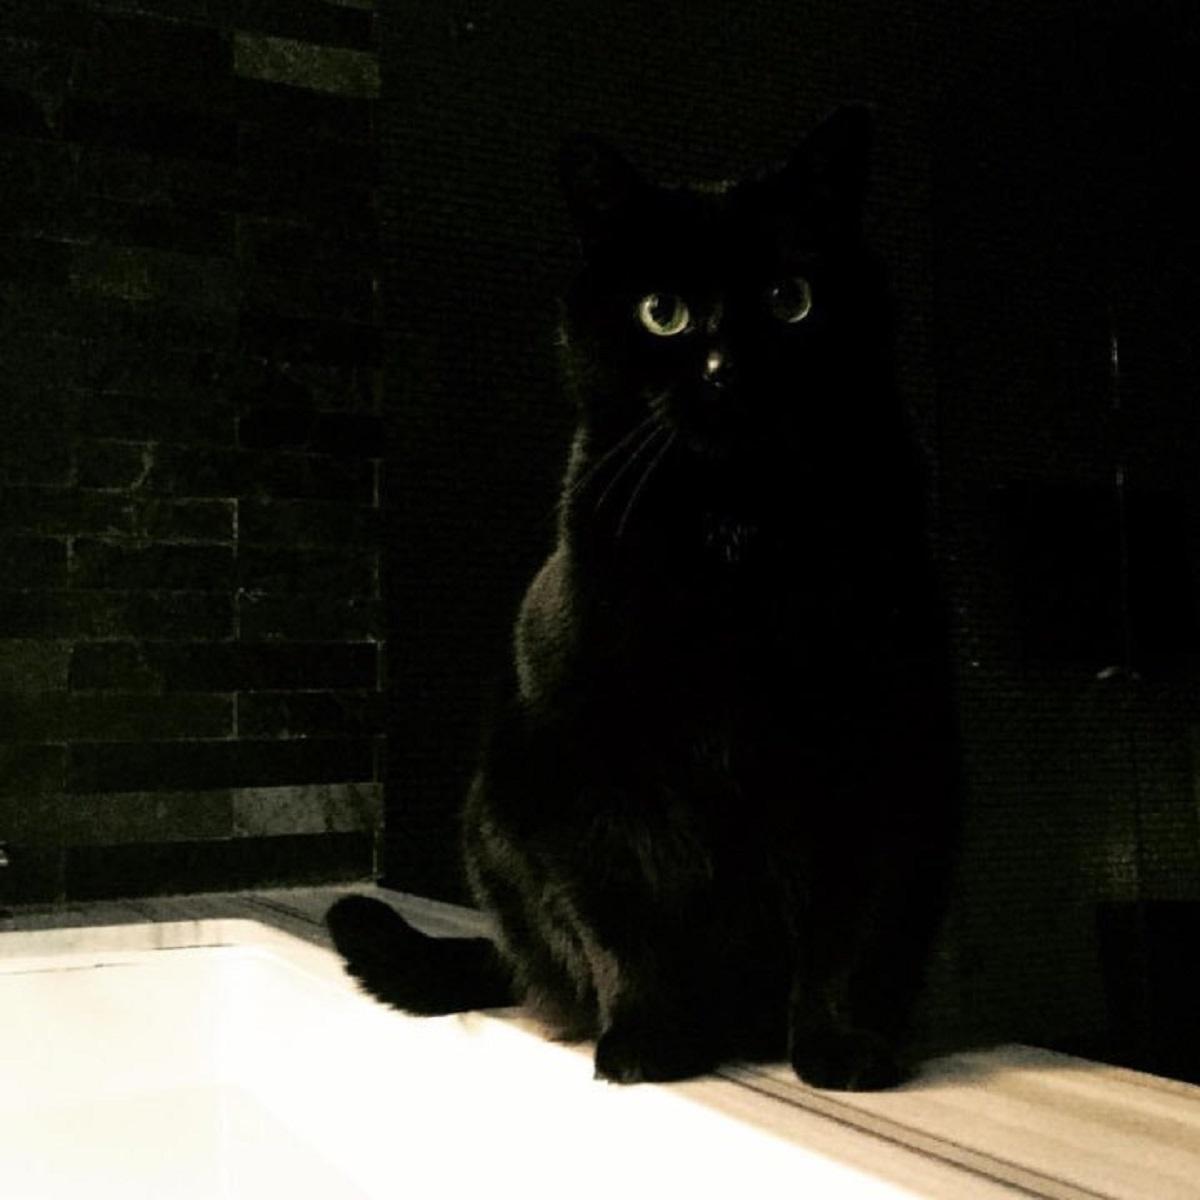 gatto nero su vasca da bagno